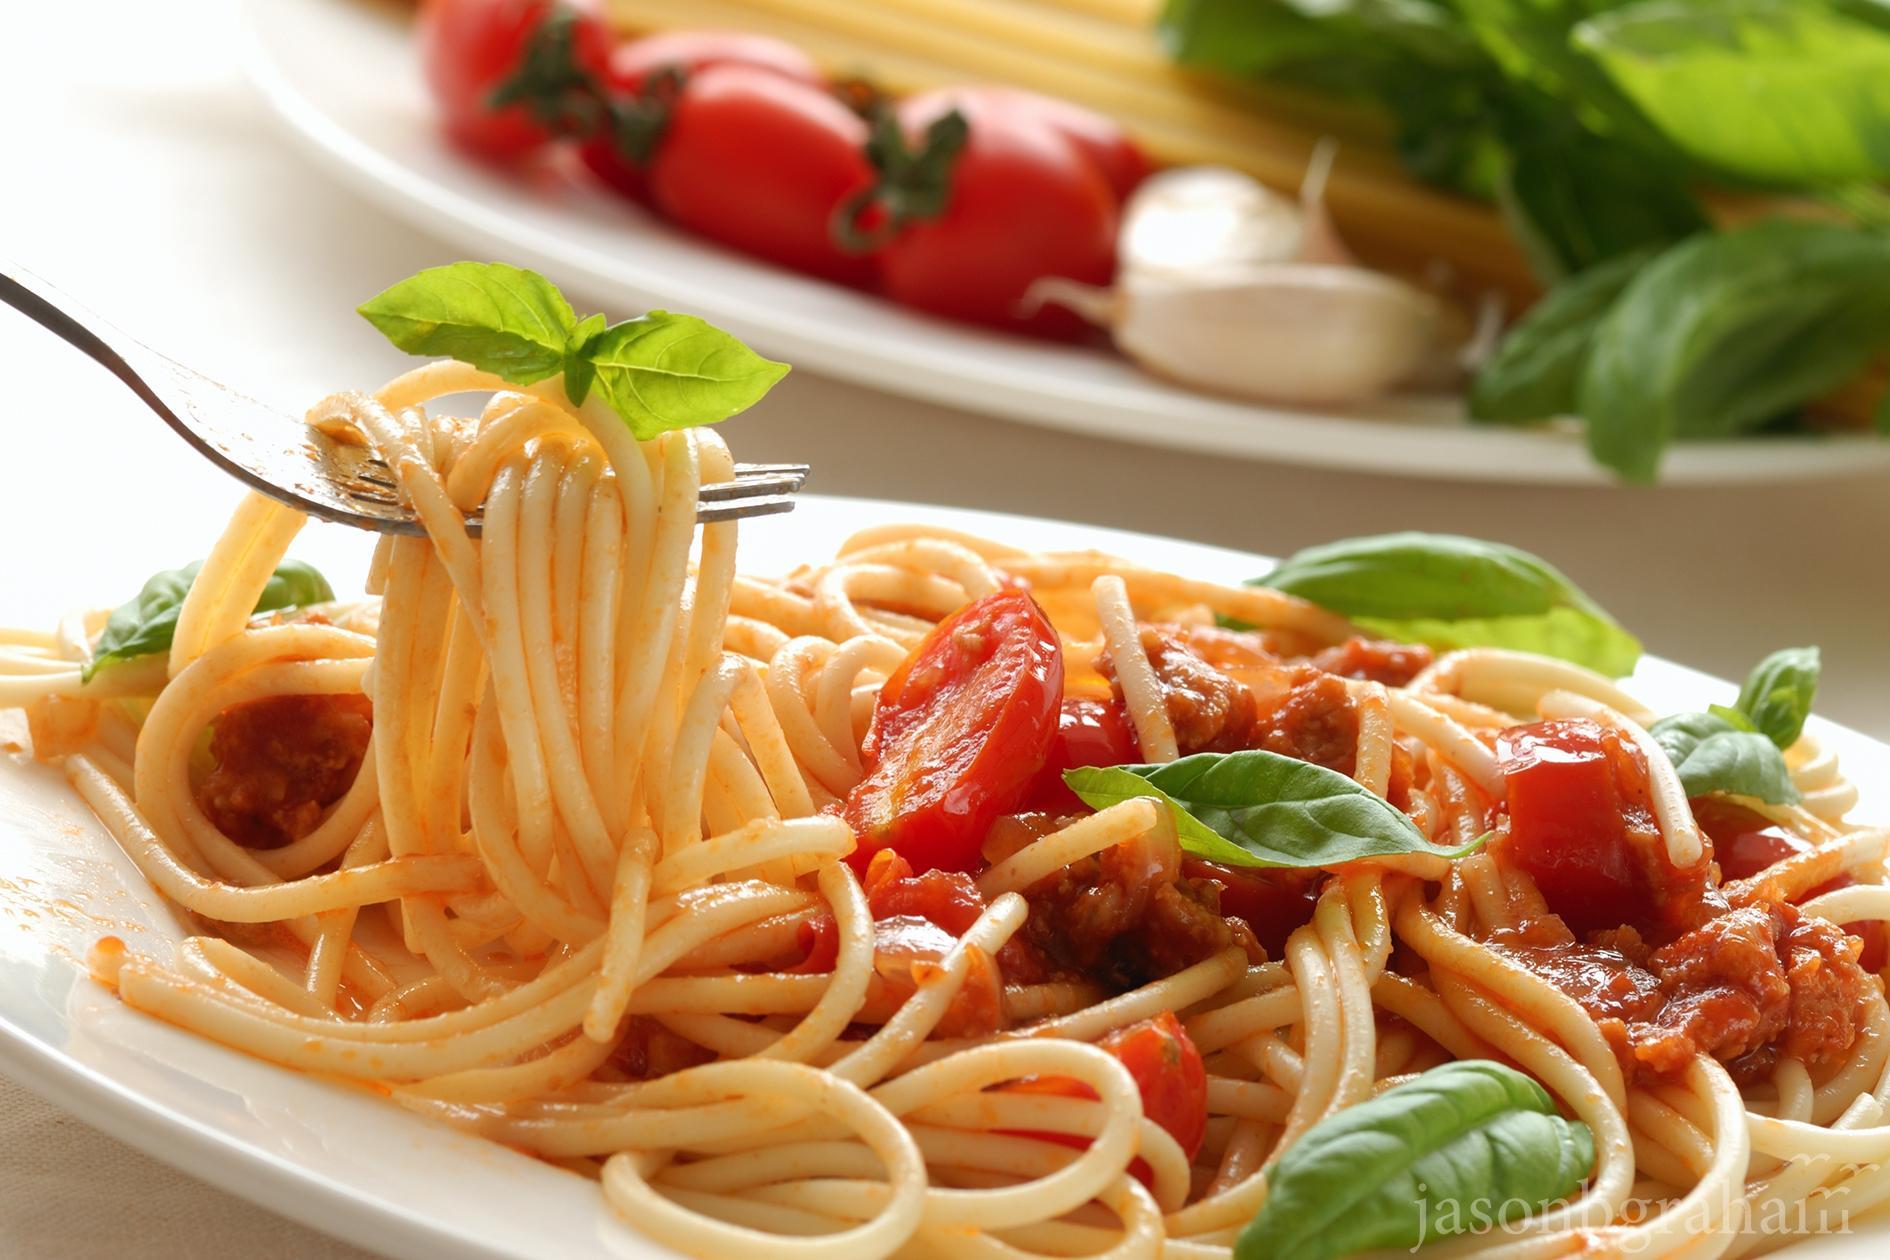 de-cecco-spagetti-lifestyle